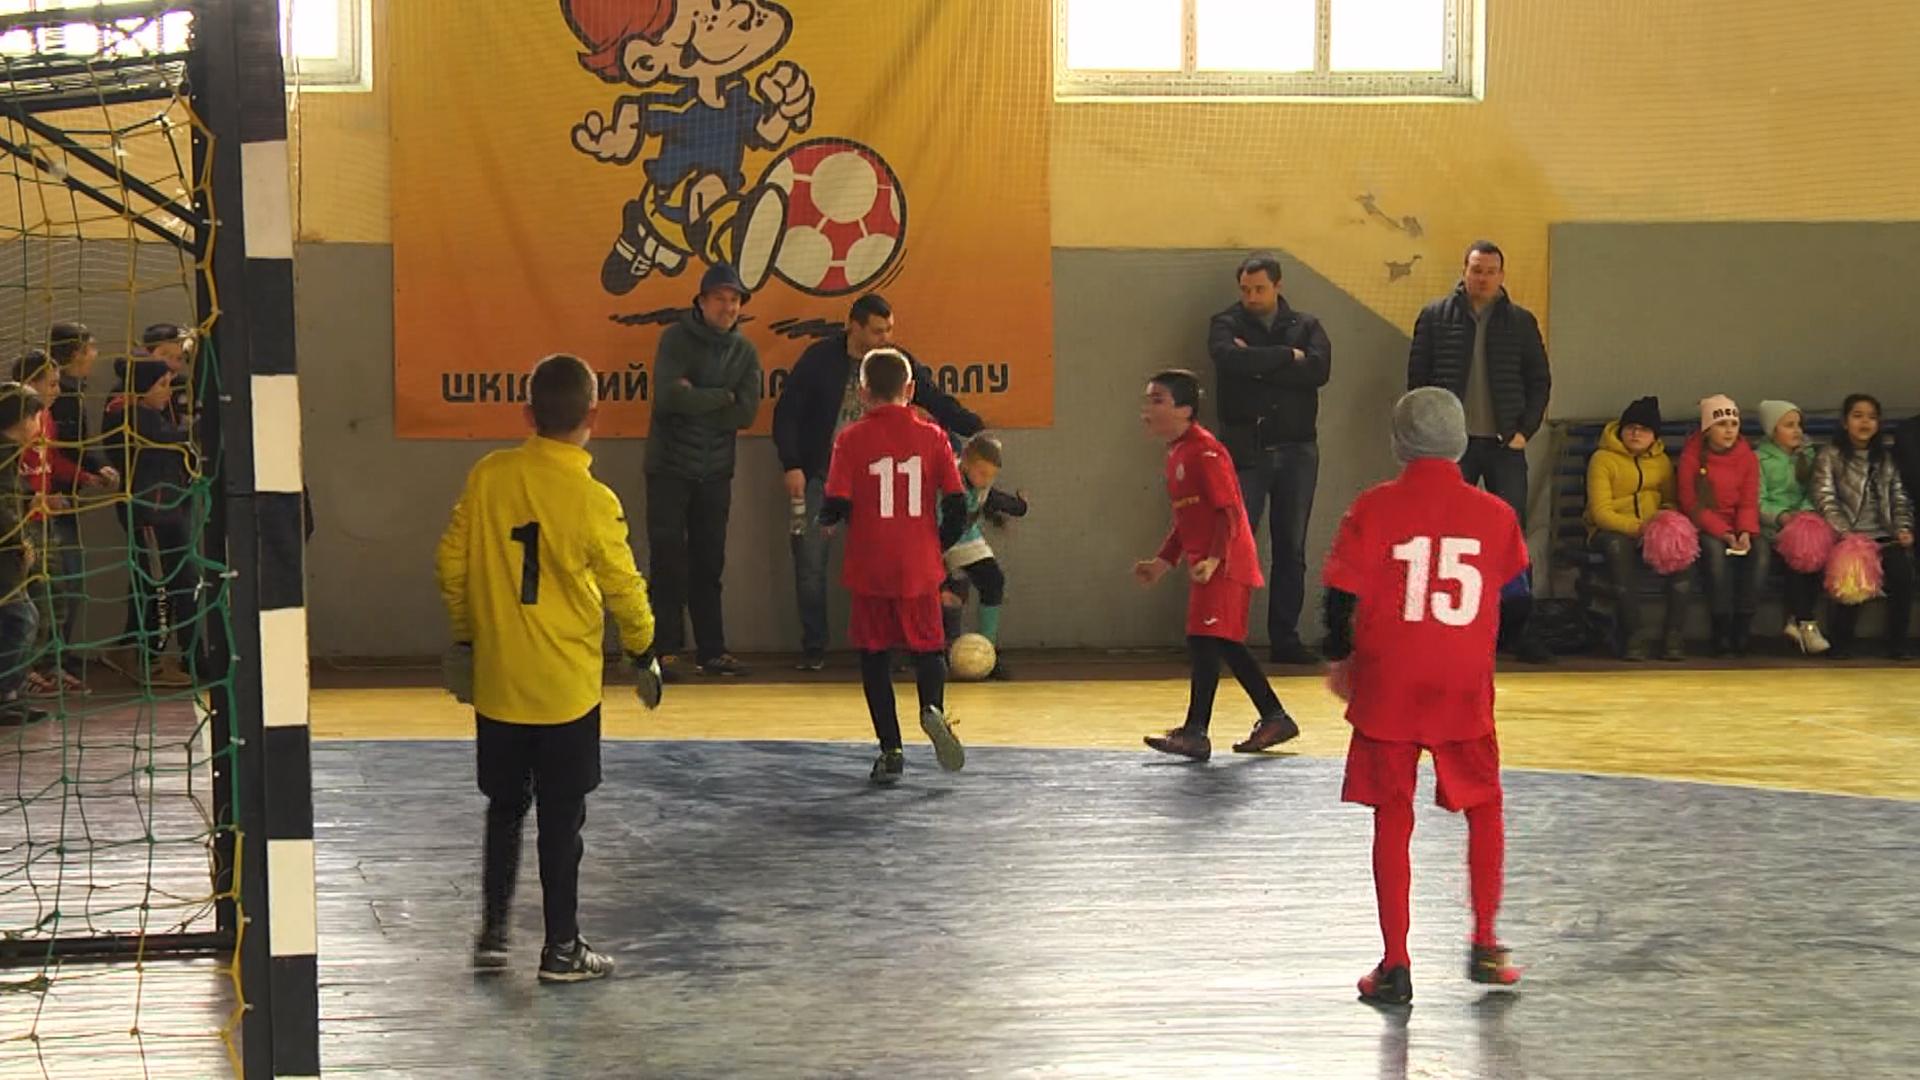 У Коломиї визначили переможців другого етапу шкільного турніру з футзалу (відеосюжет)